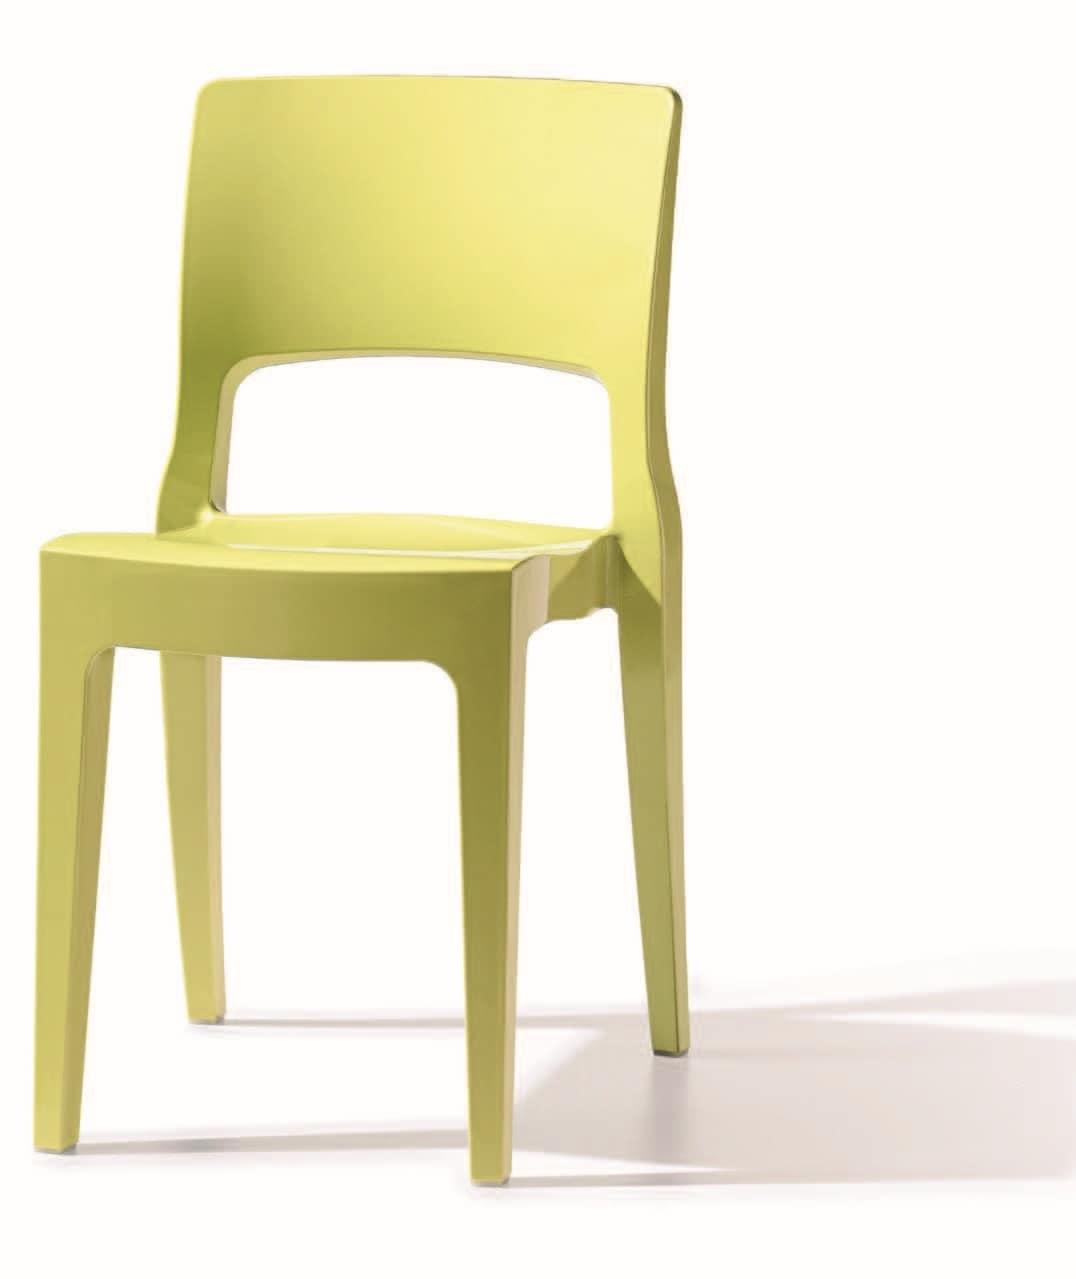 SE 2327, Sedia in tecnopolimero ideale per bar alla moda